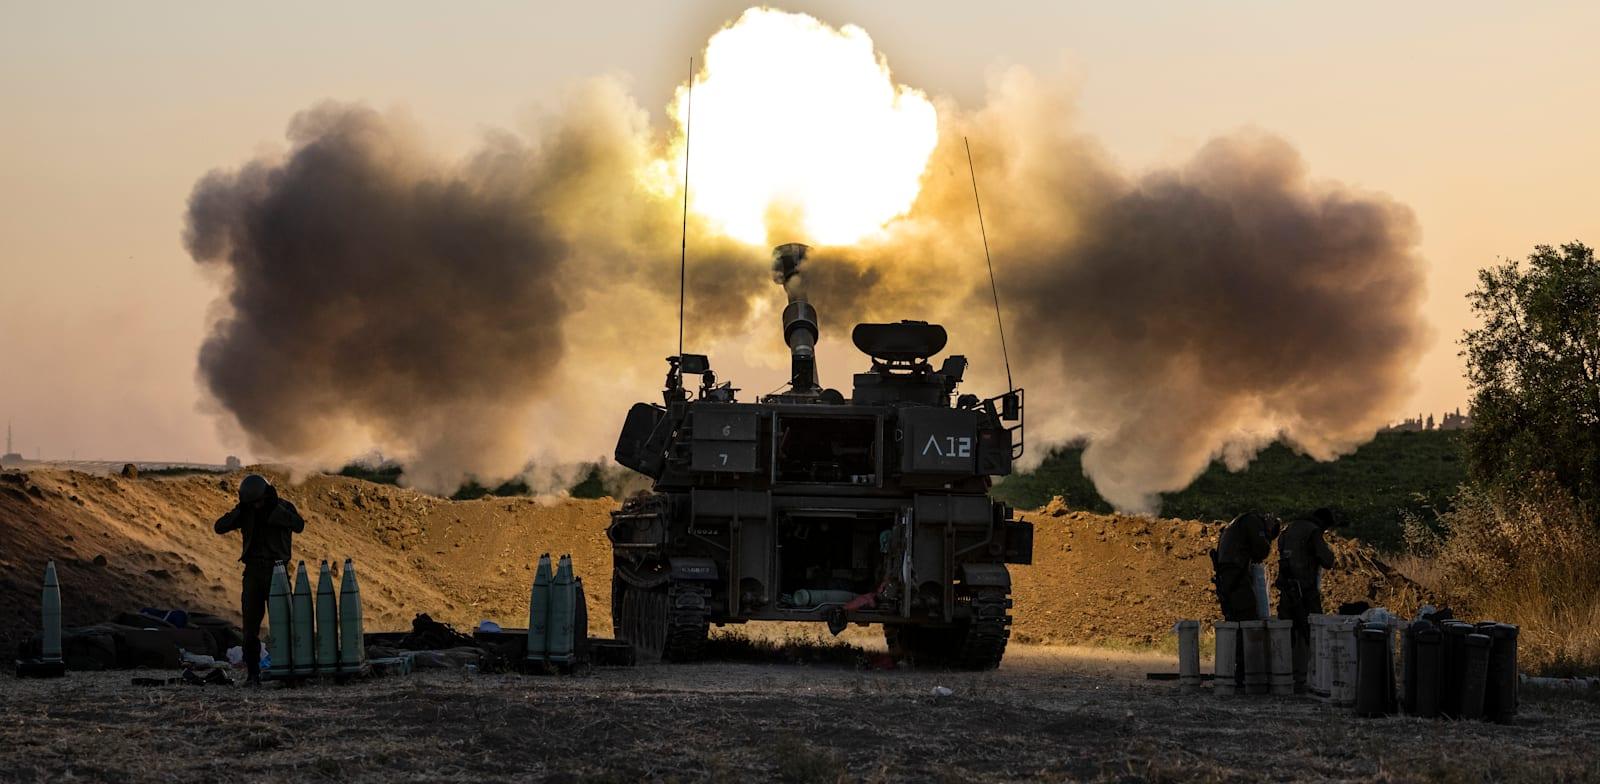 טנק ישראלי על  גבול עזה השבוע / צילום: Associated Press, Tsafrir Abayov